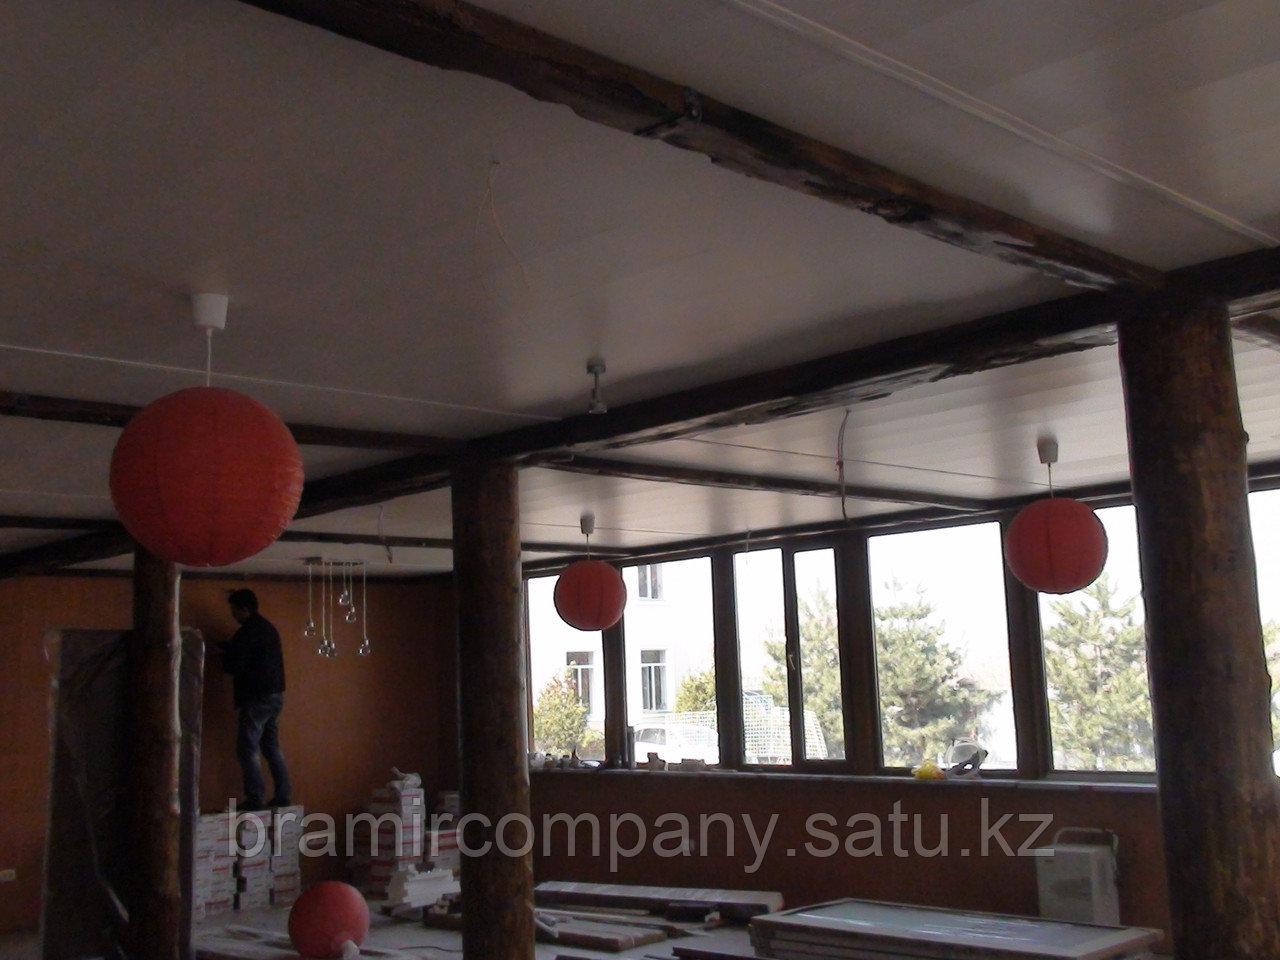 Балки для интерьера с имитацией дерево - фото 1